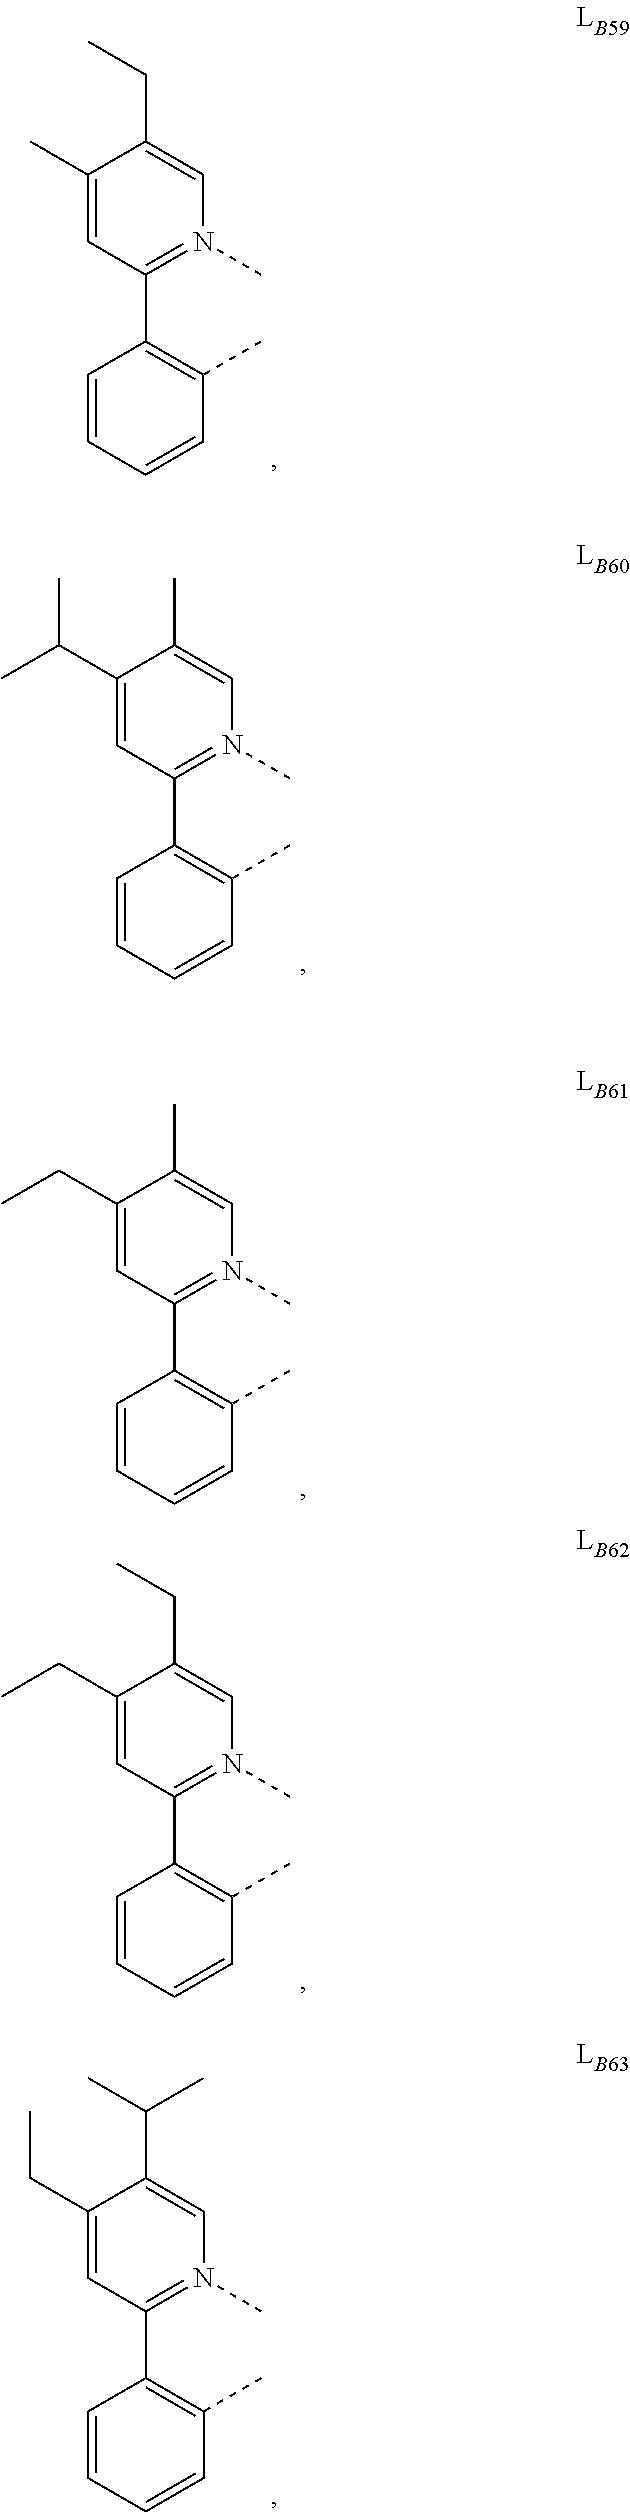 Figure US20160049599A1-20160218-C00125